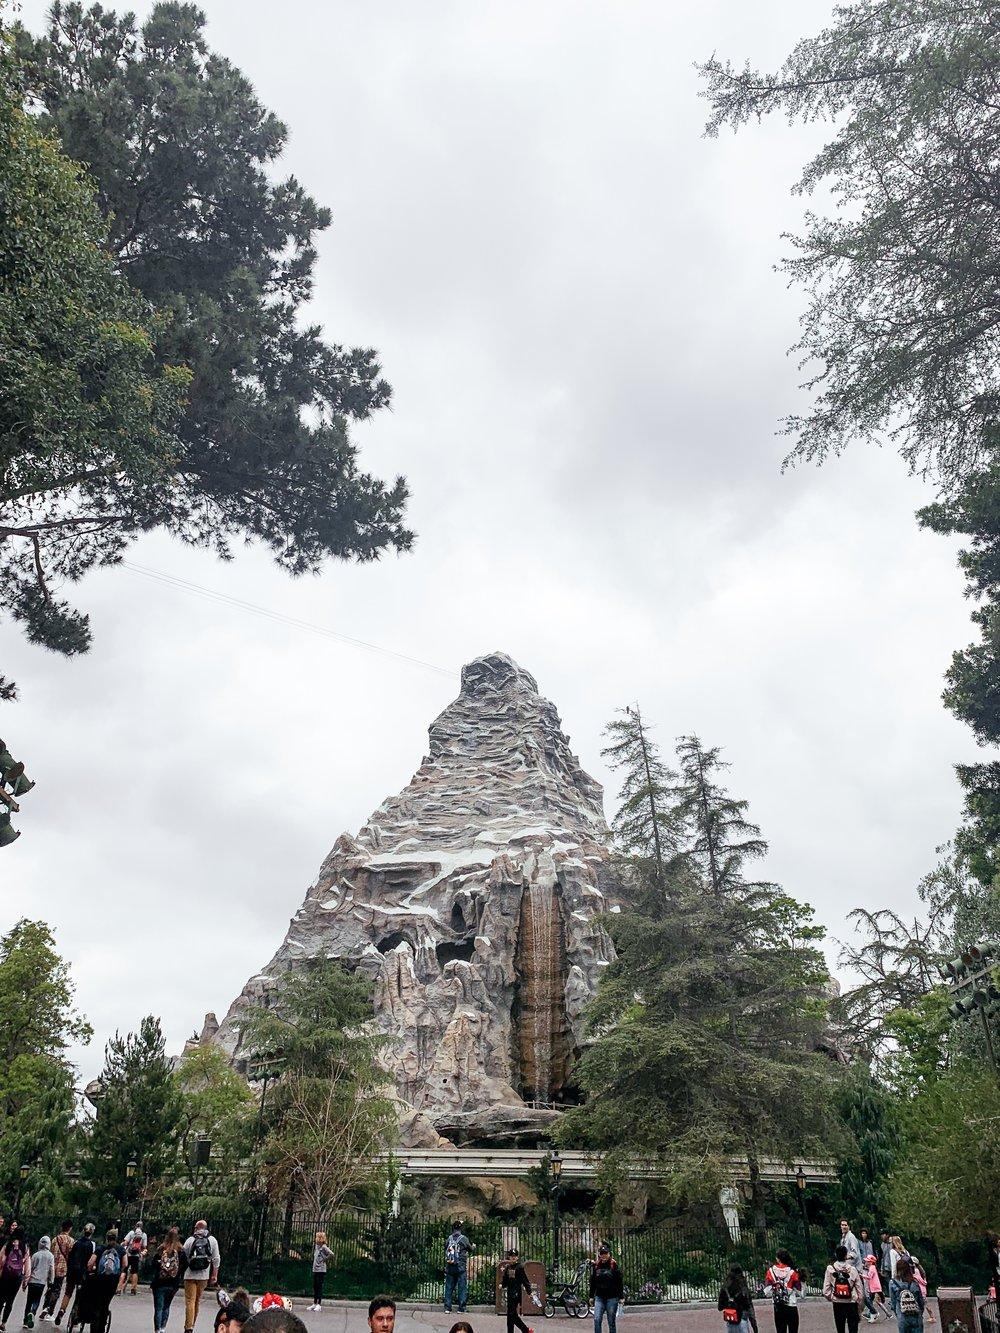 View of Matterhorn Bobsled ride.